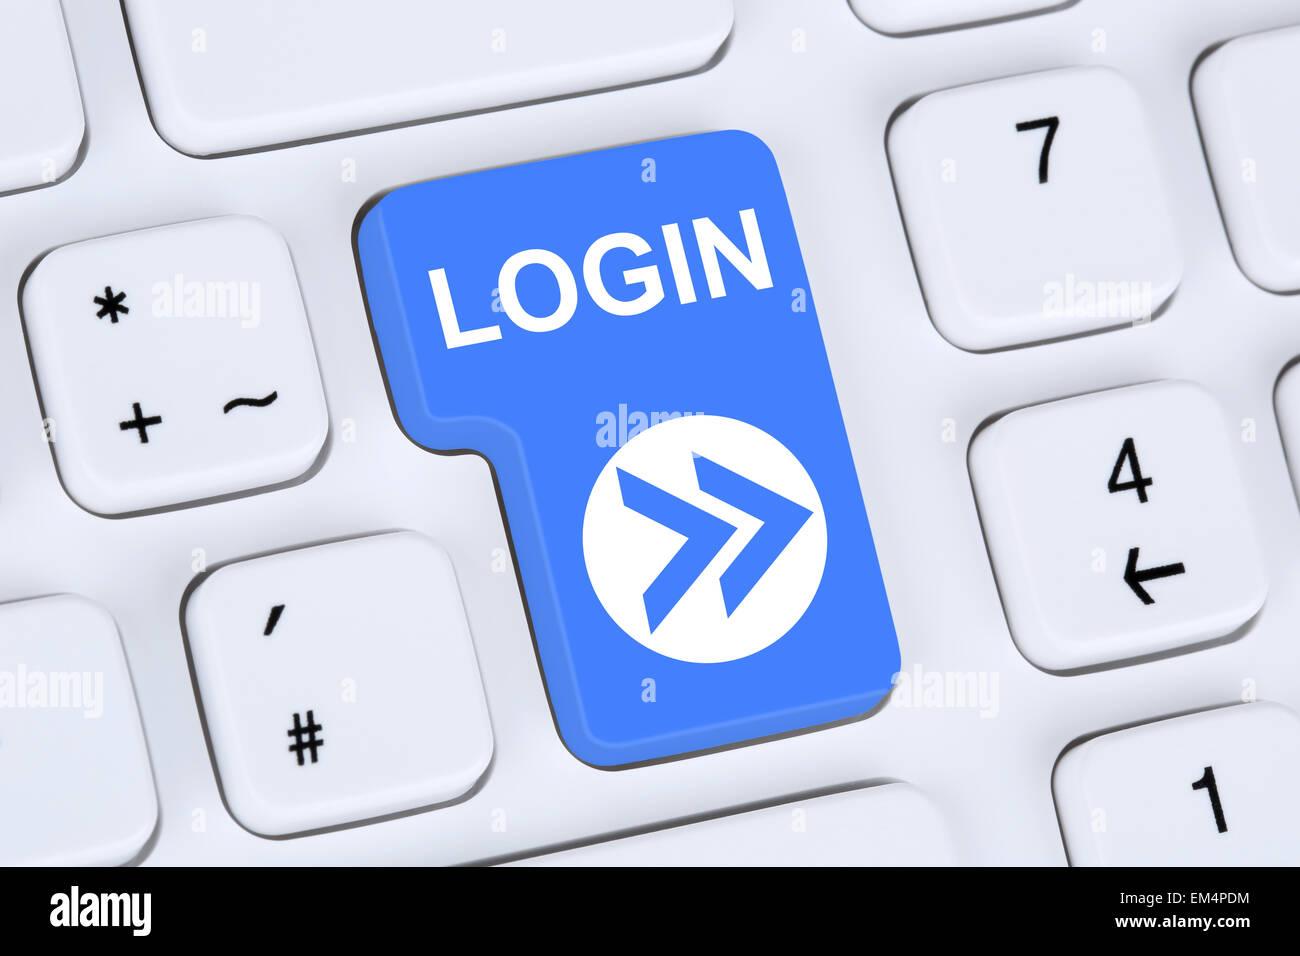 Botón Submit Login con contraseña en el equipo Imagen De Stock